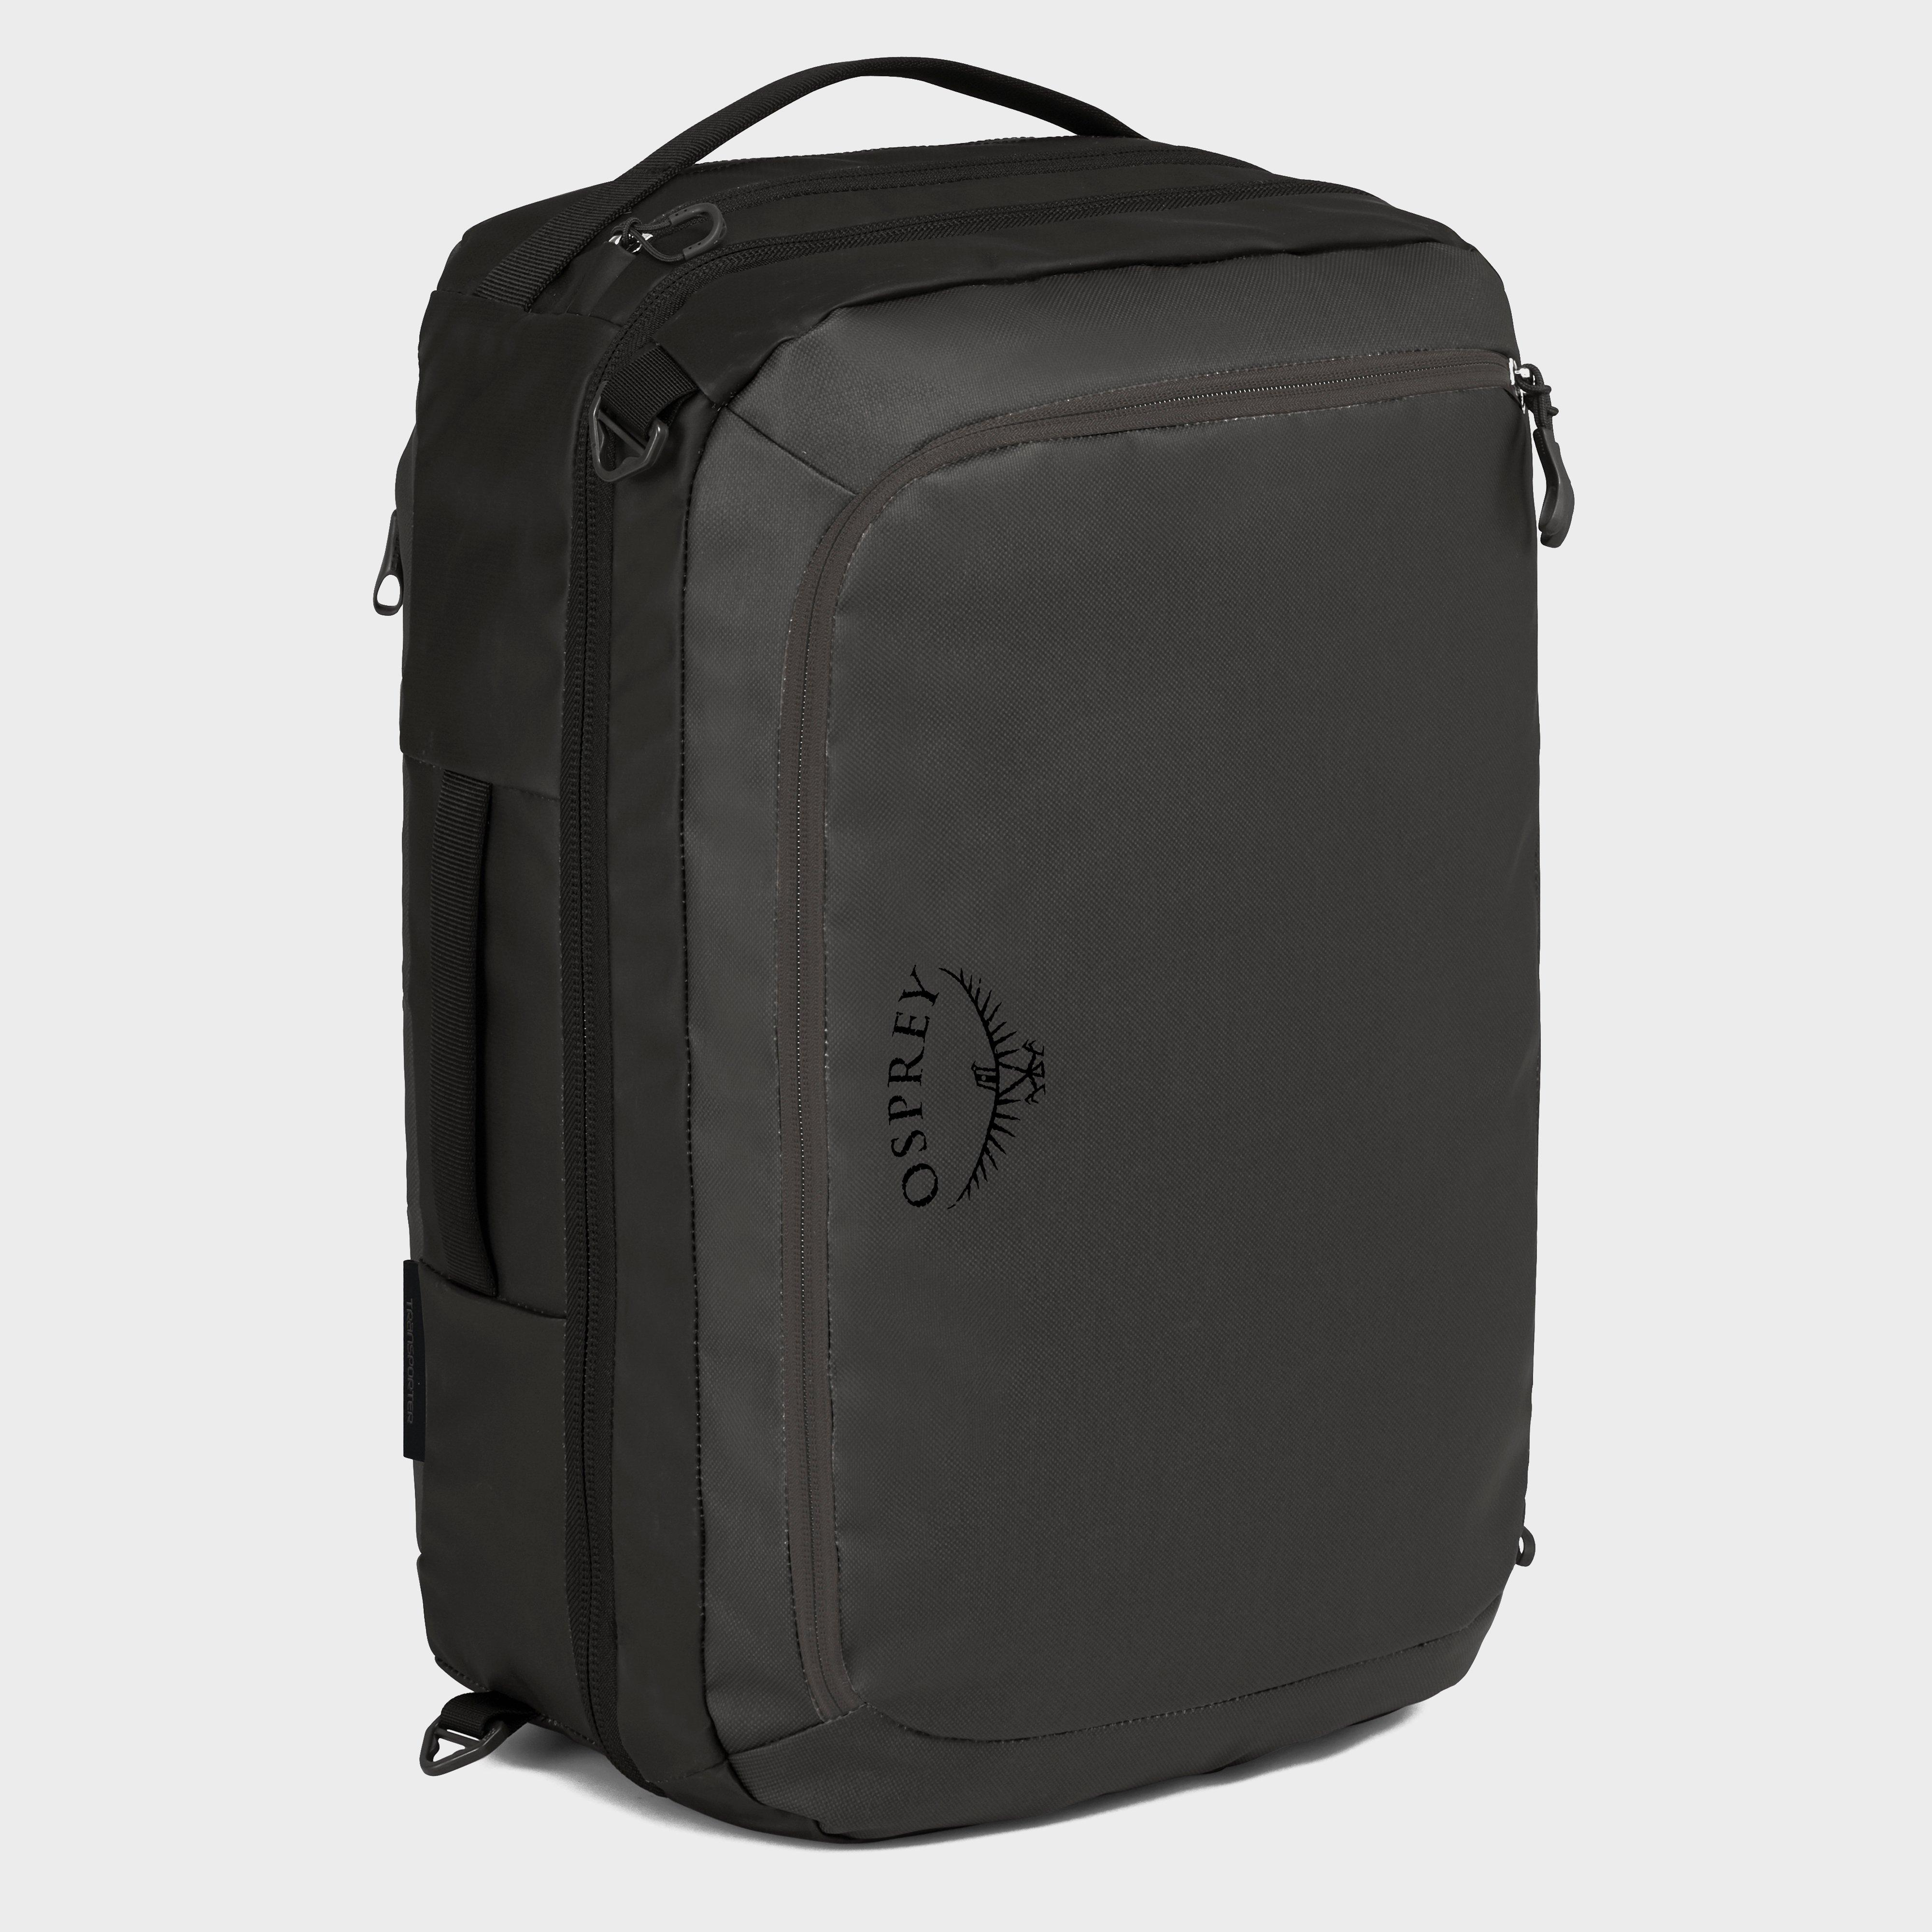 Osprey Transporter Global Carry-on 36l Holdall - Black/blk  Black/blk